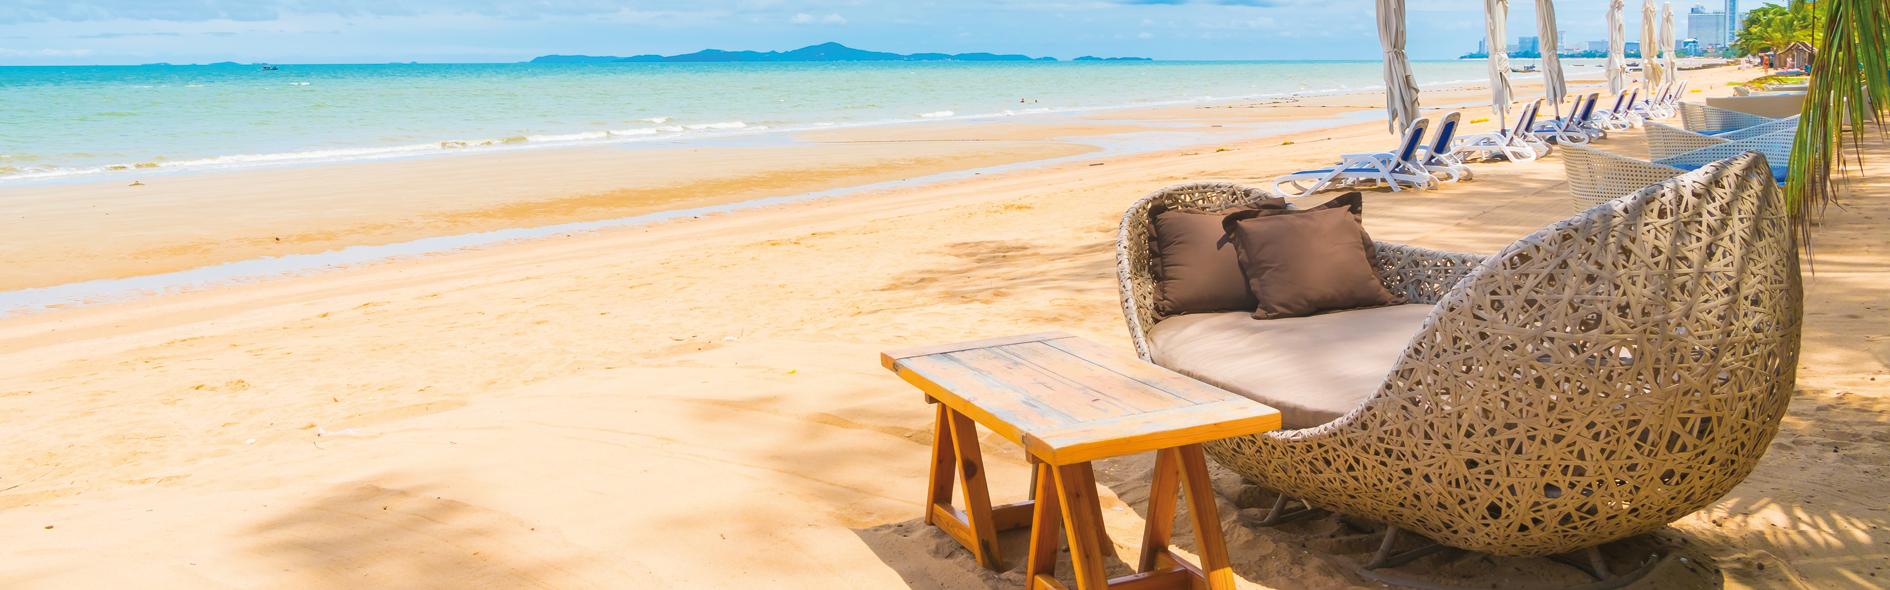 Vacances d'été : Fermeture du 9 au 22 Août